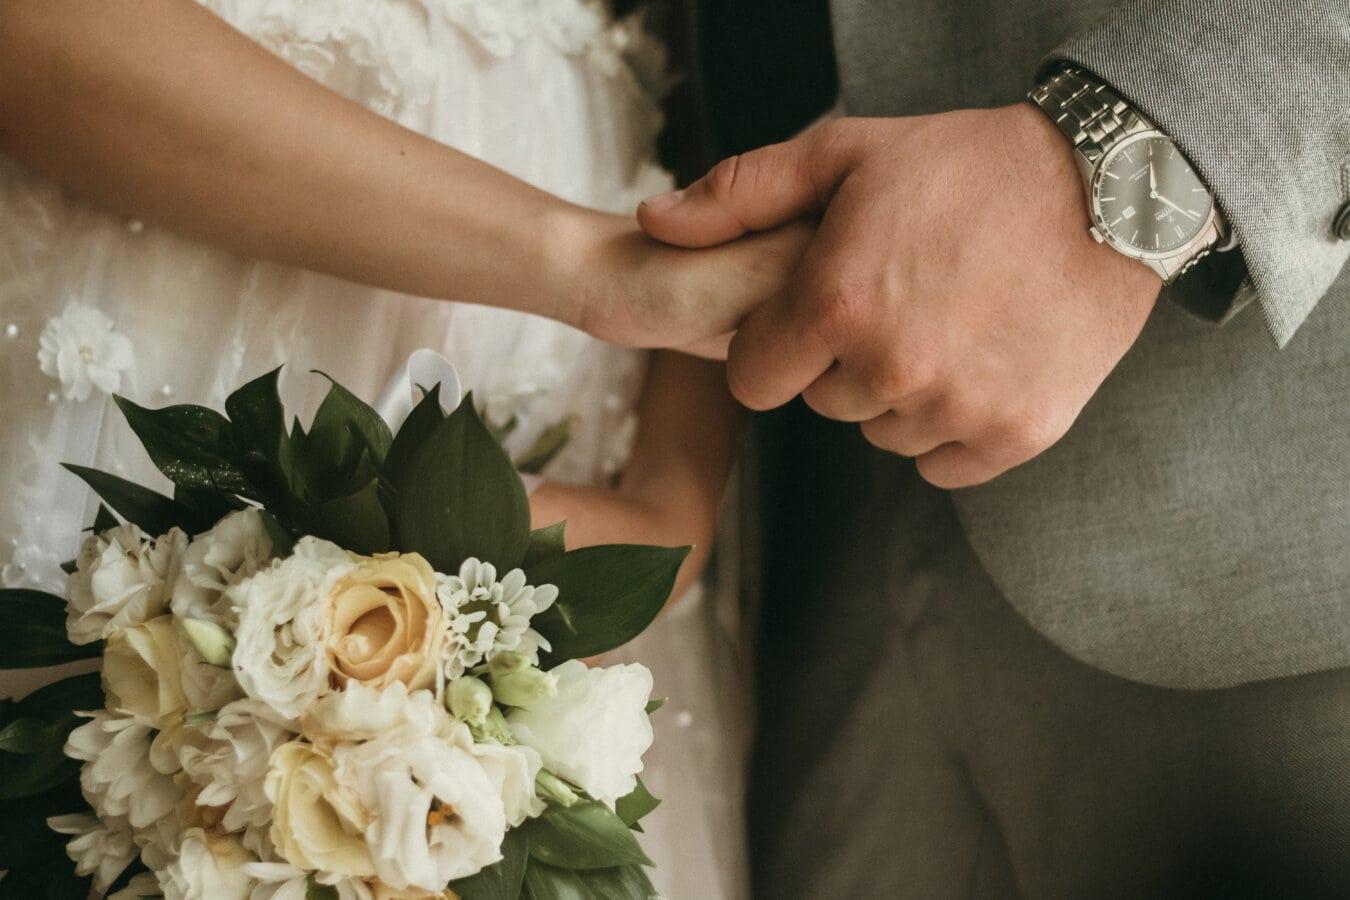 手をつないで, 手, 夫, 結婚, 妻, 優しさ, 愛, ロマンチックです, 花嫁, 花